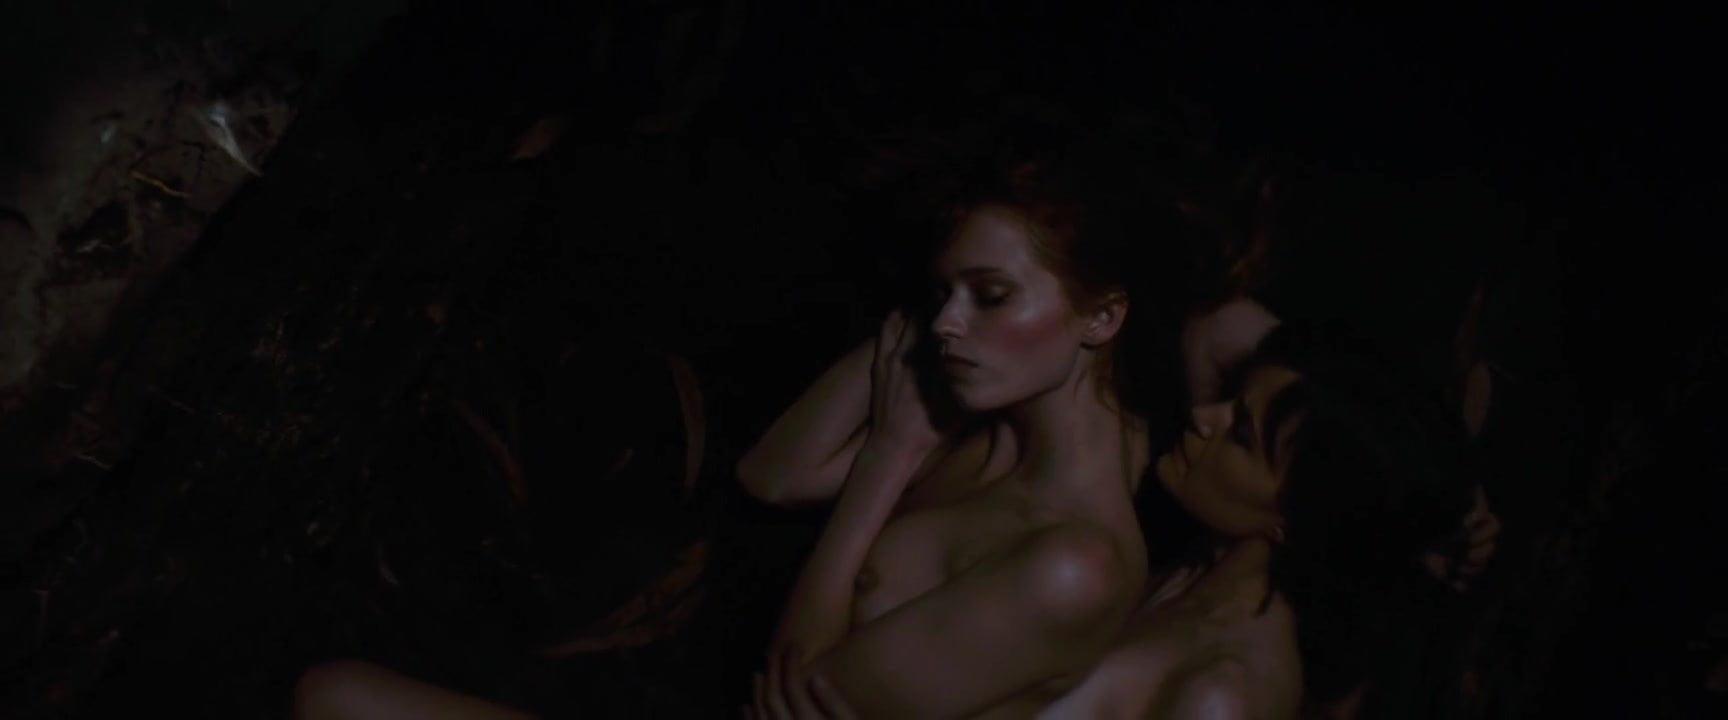 abbey lee kershaw nude